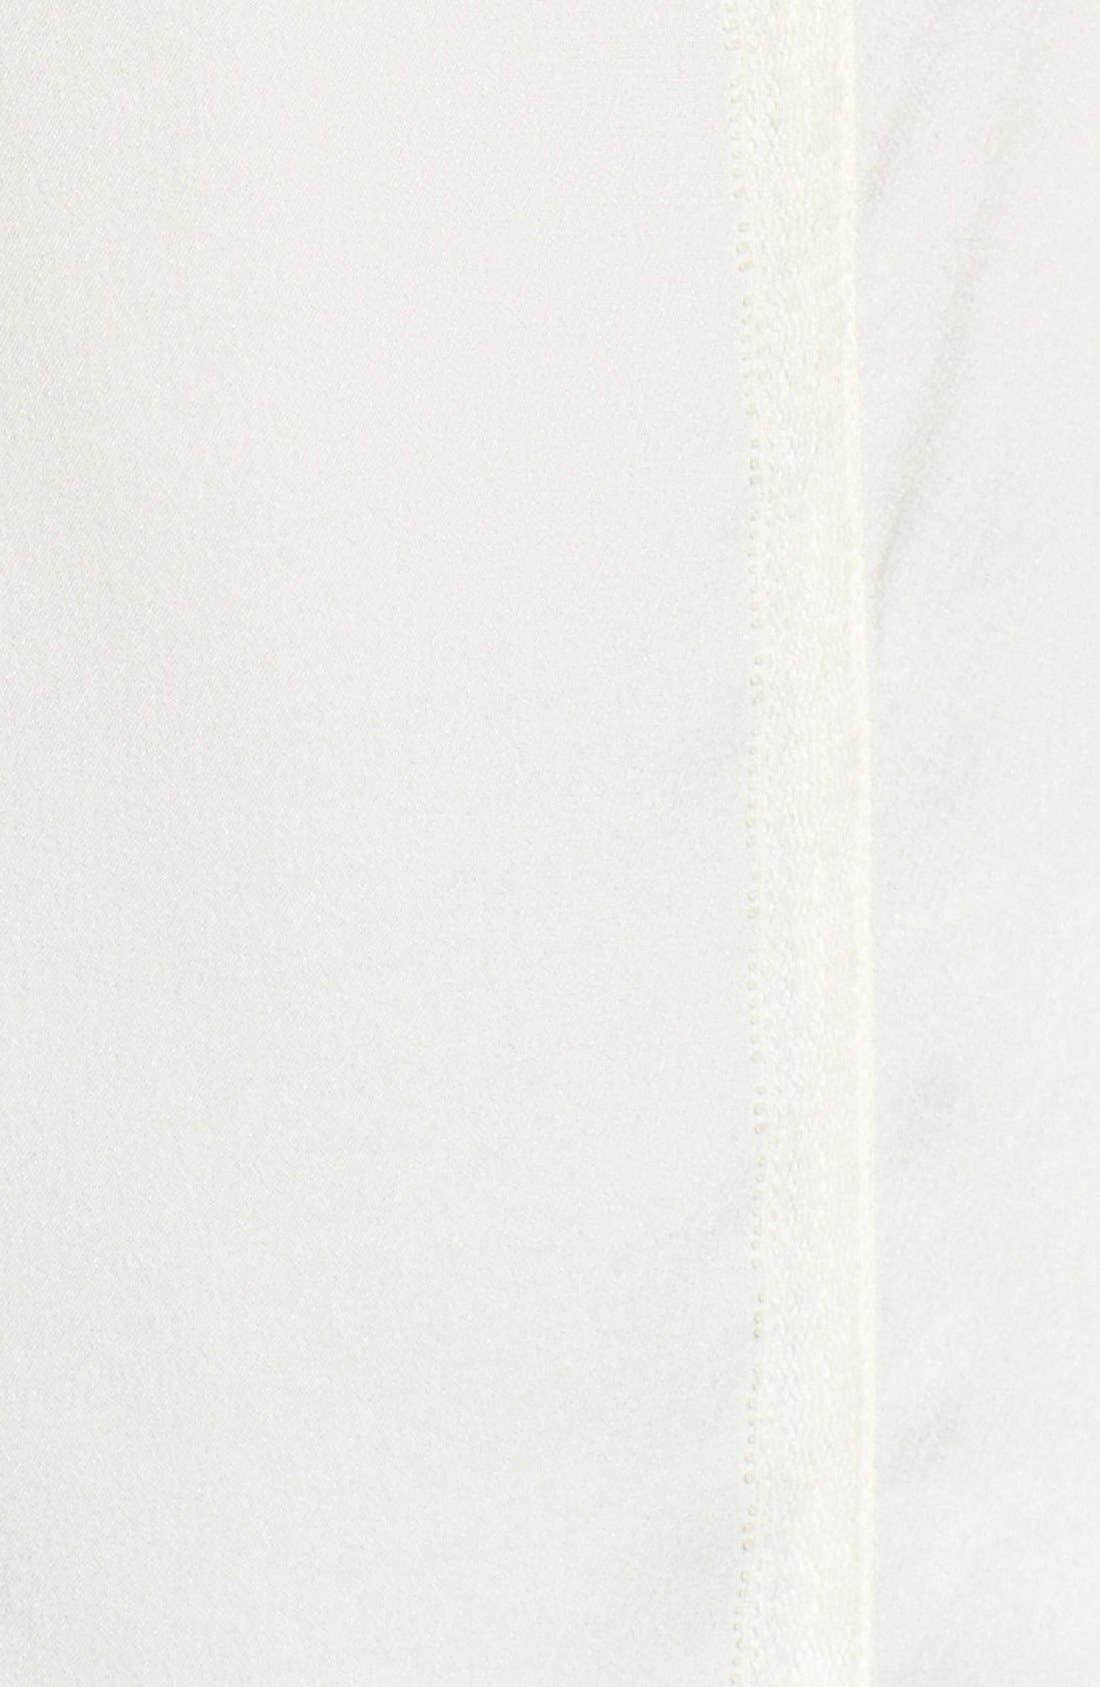 'Josette' Lace Trim Silk Blouse,                             Alternate thumbnail 5, color,                             Antique